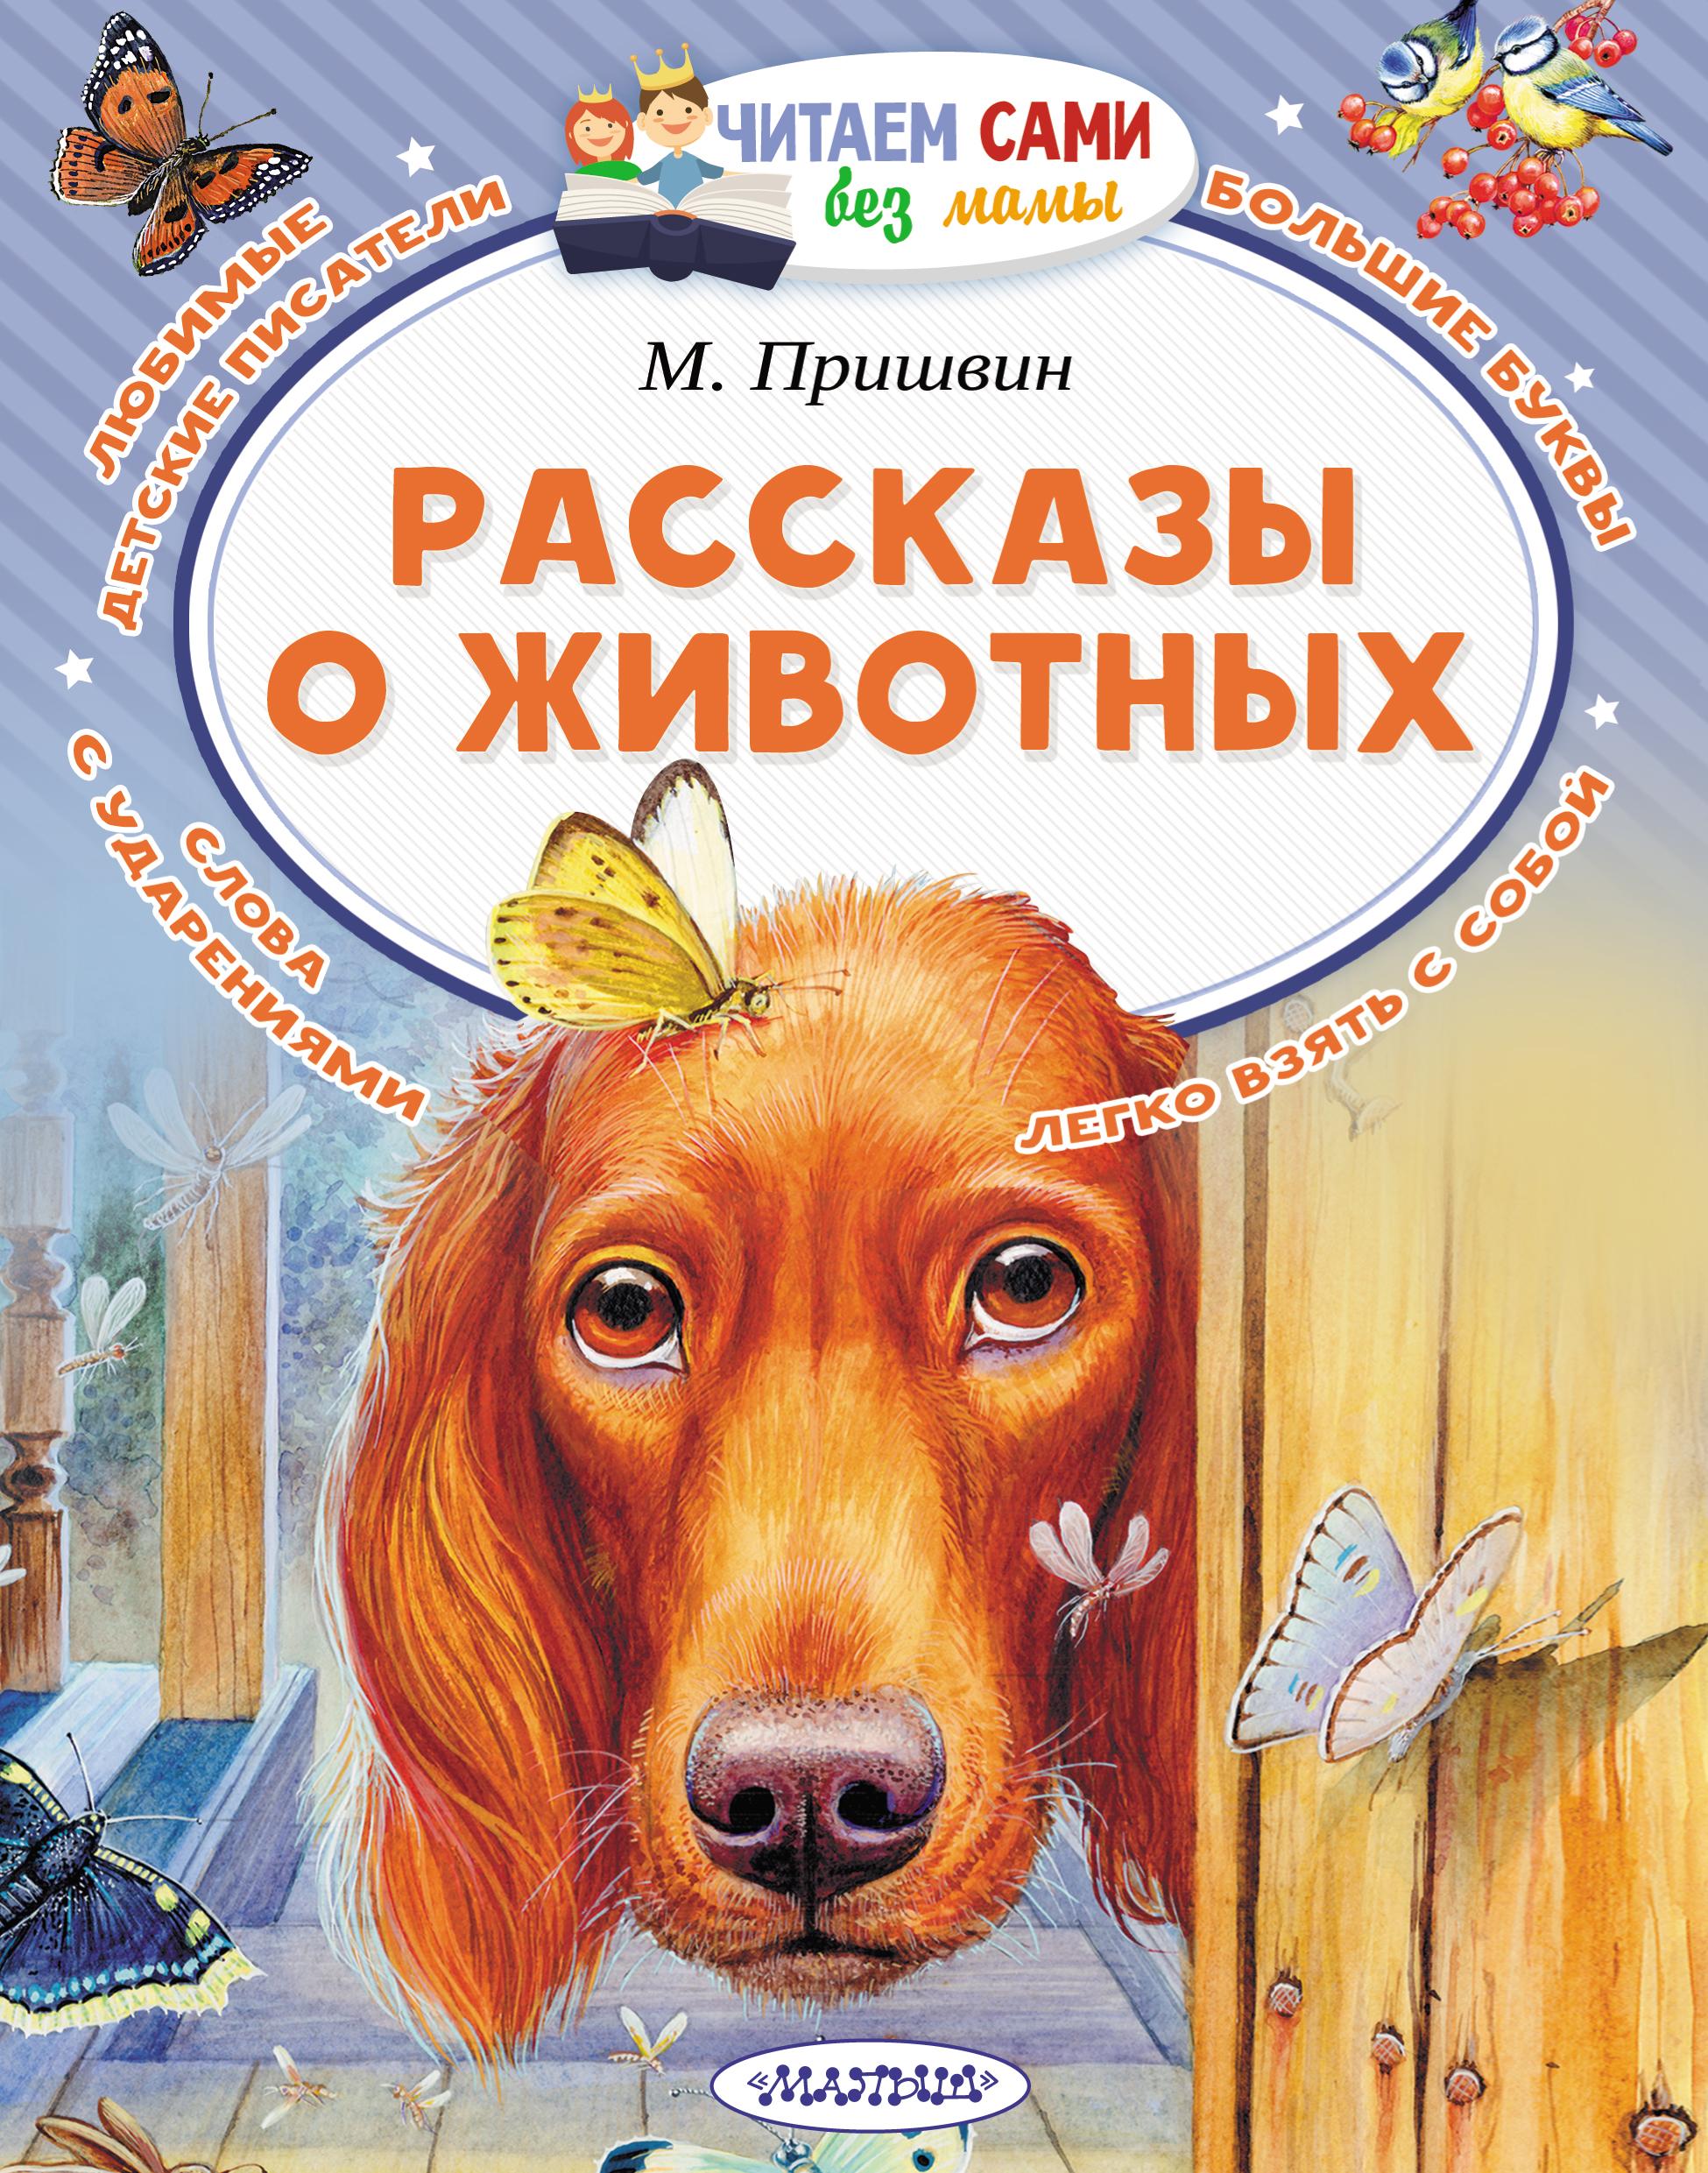 Книги детских писателей о животных